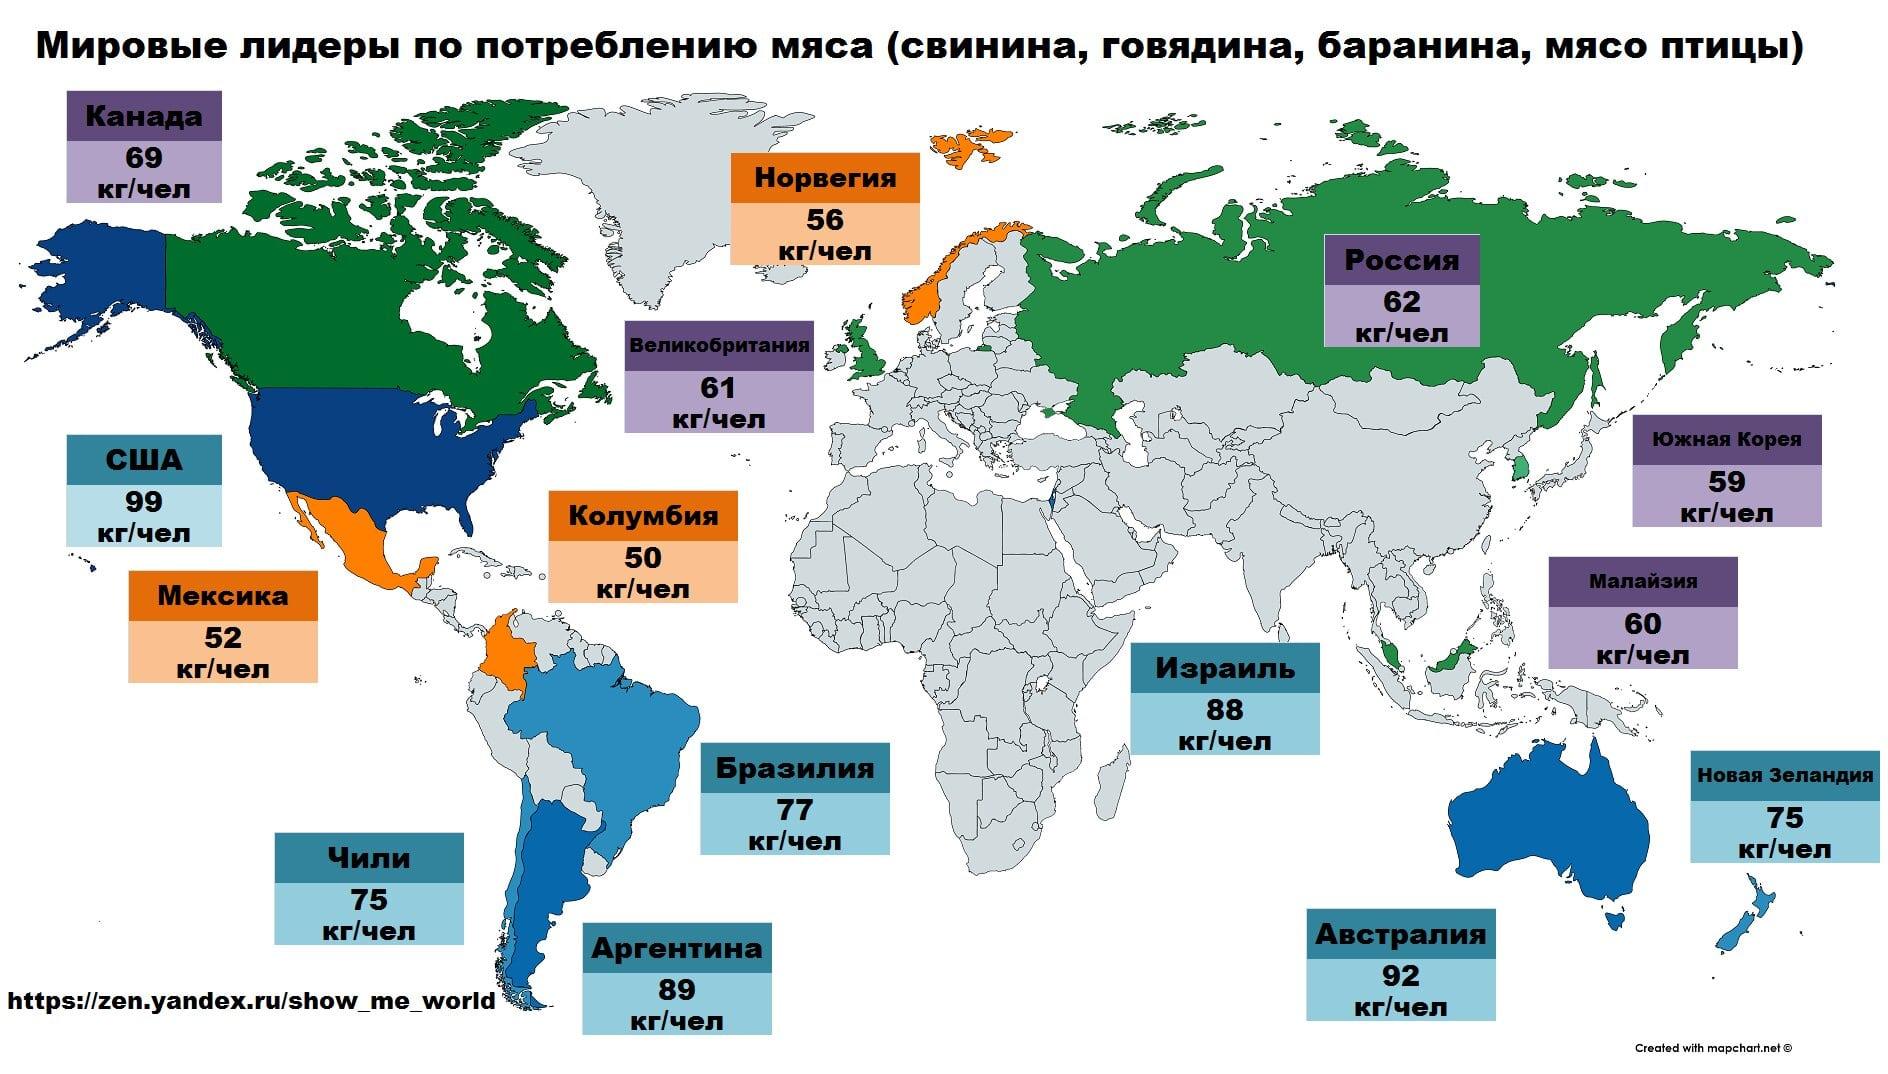 Рейтинг стран по поеданию мяса, зеленый налог на говядину и молоко за вредность